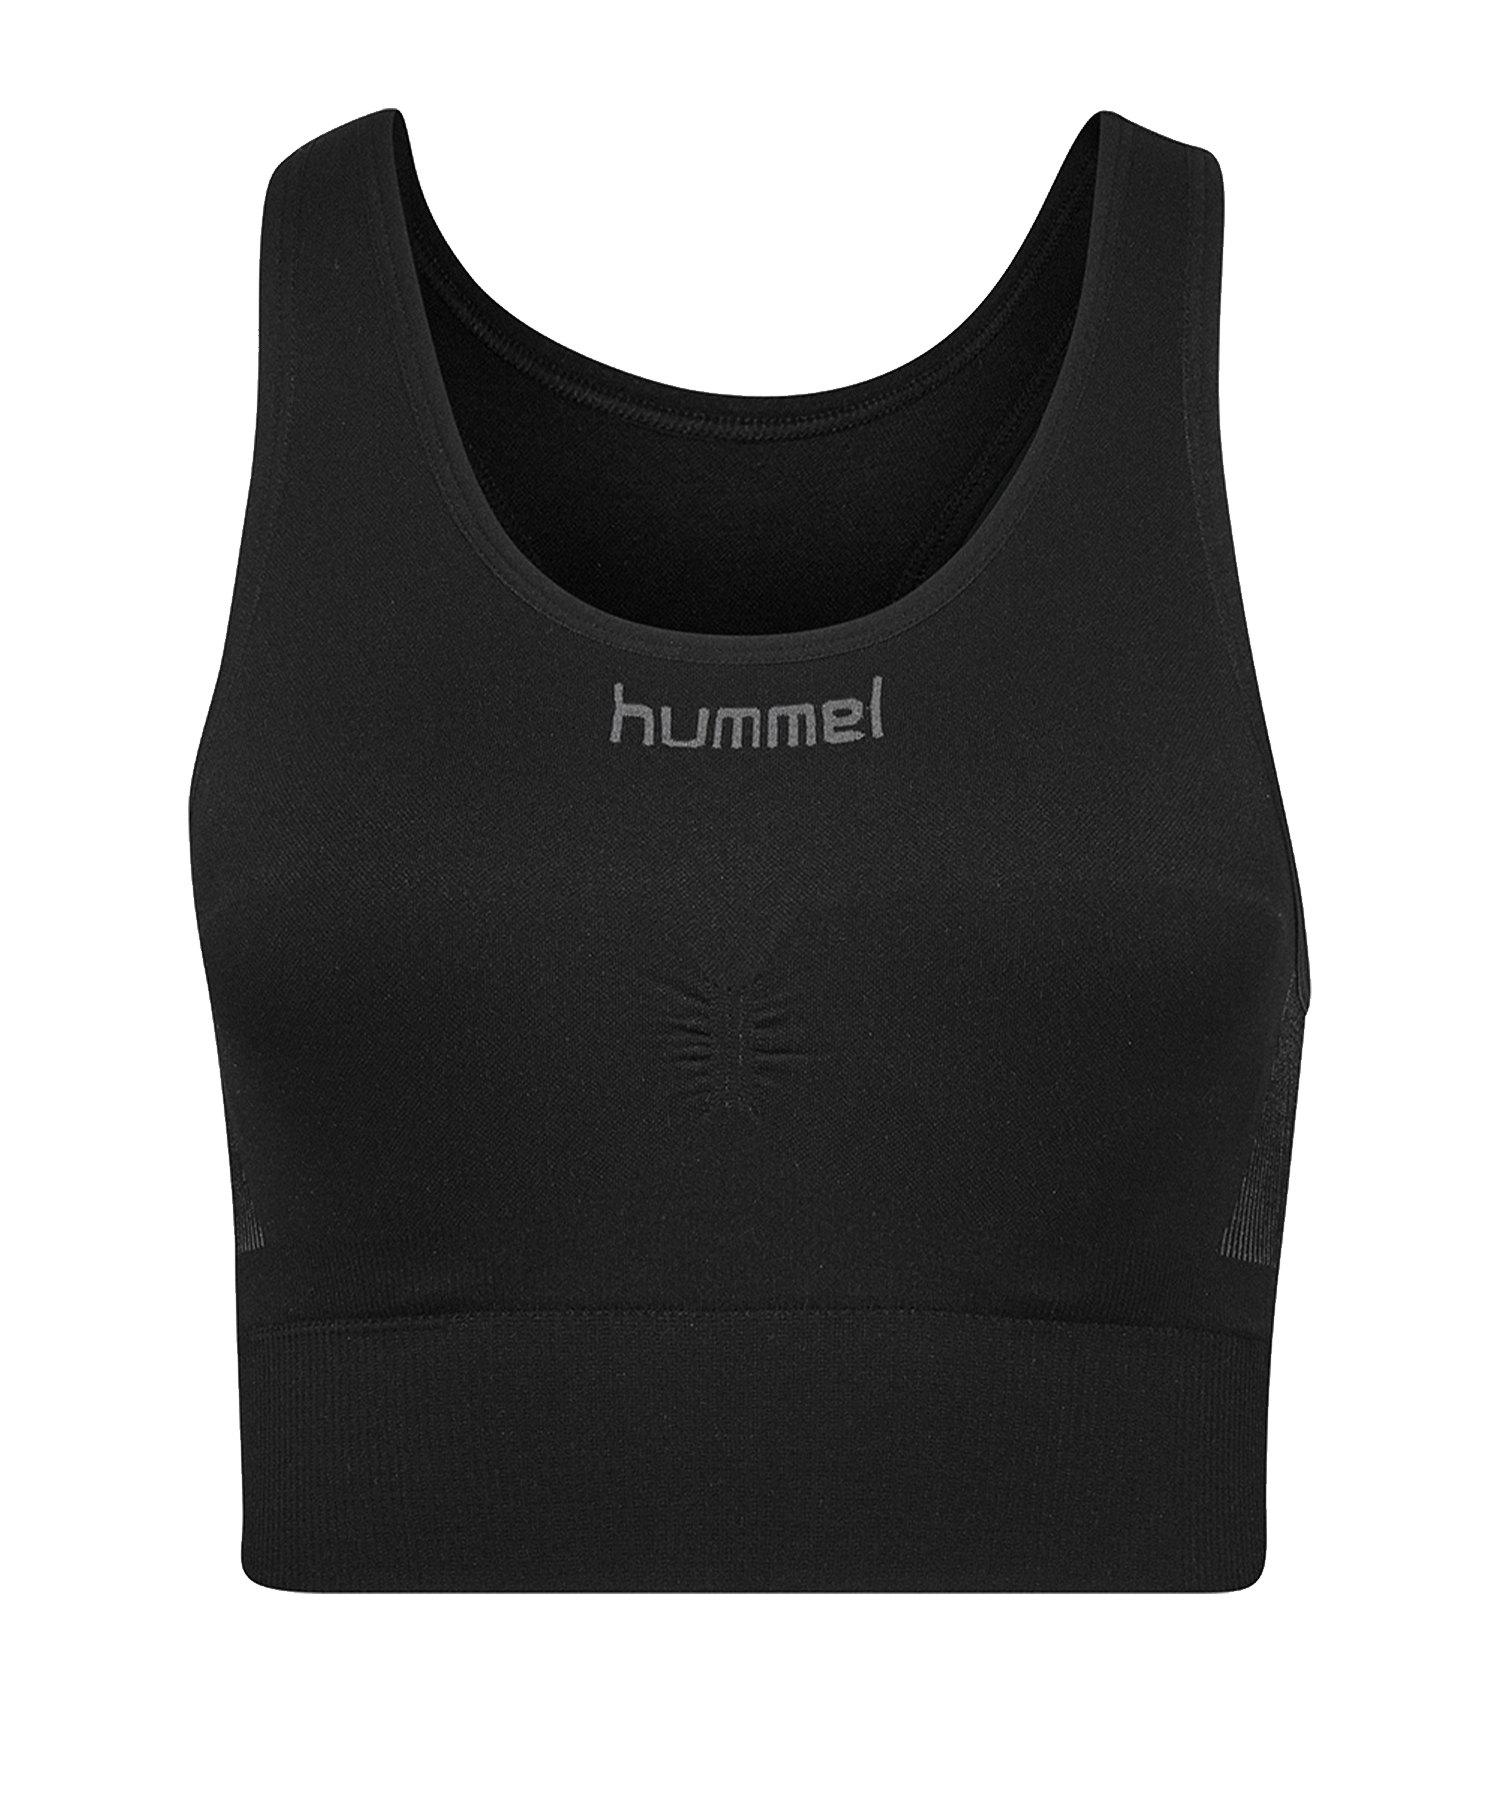 Hummel First Seamless Sport-BH Bra Damen F2001 - Schwarz